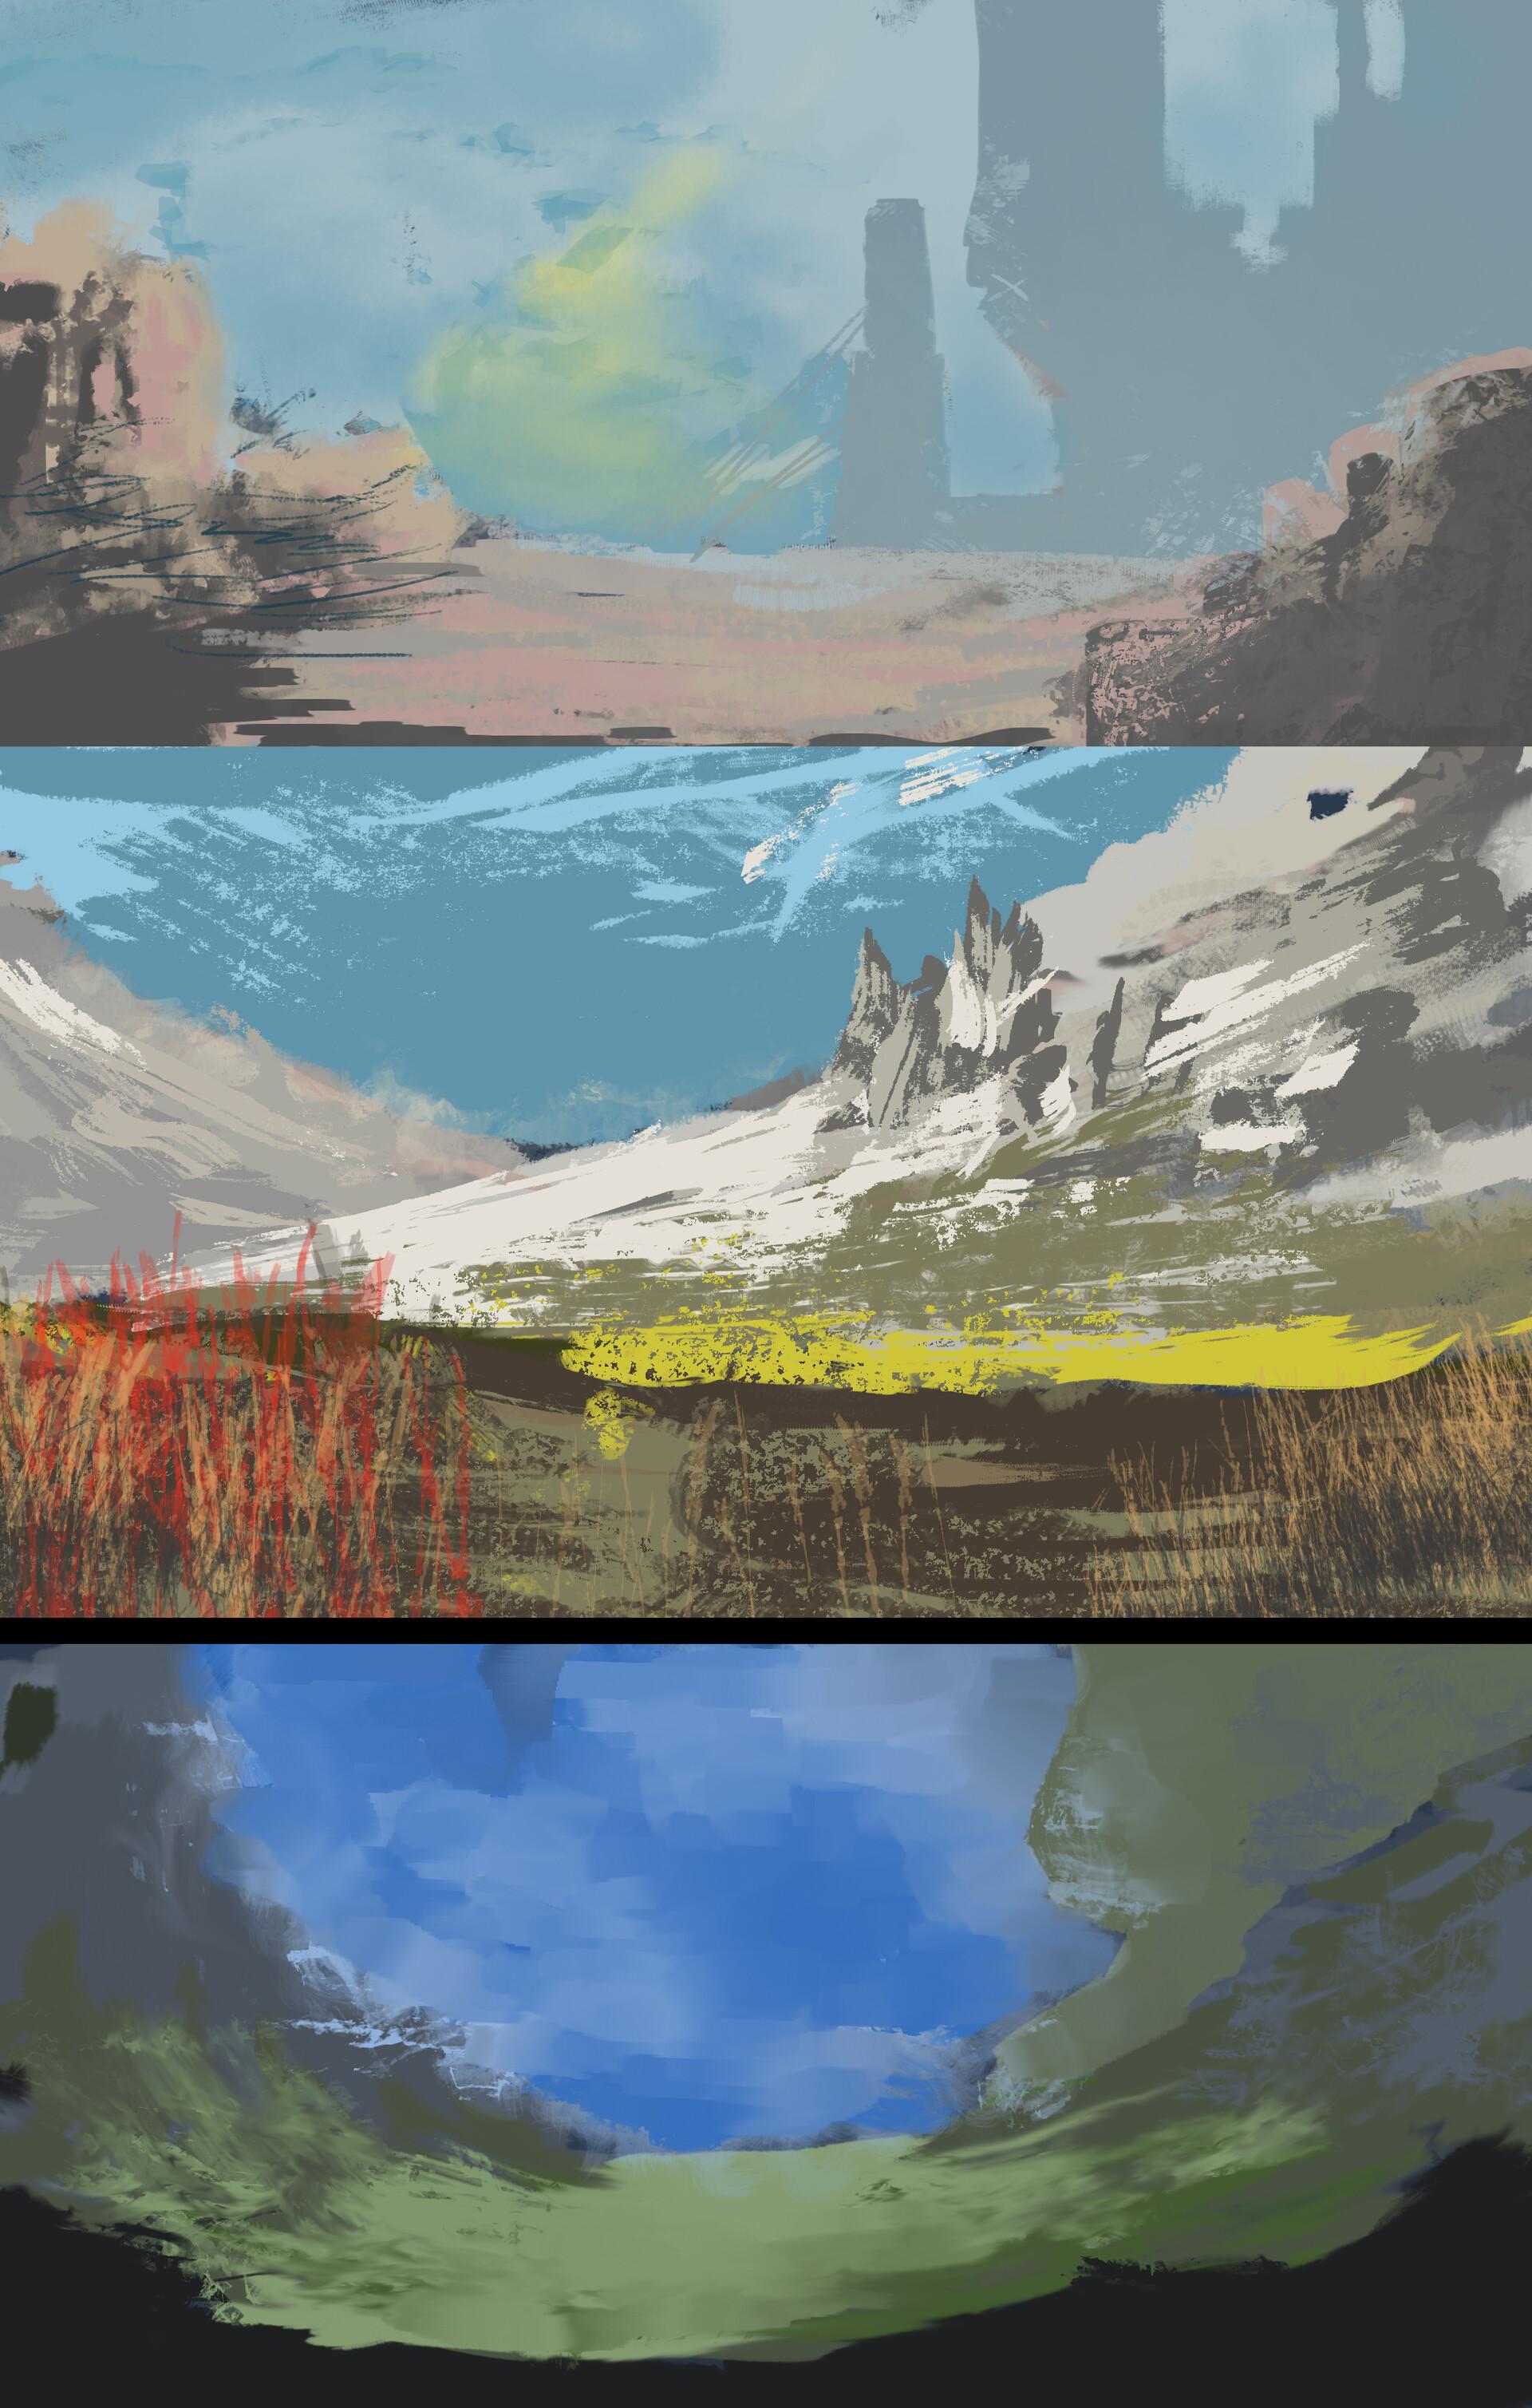 Zak katara jan 13th landscape keyframes